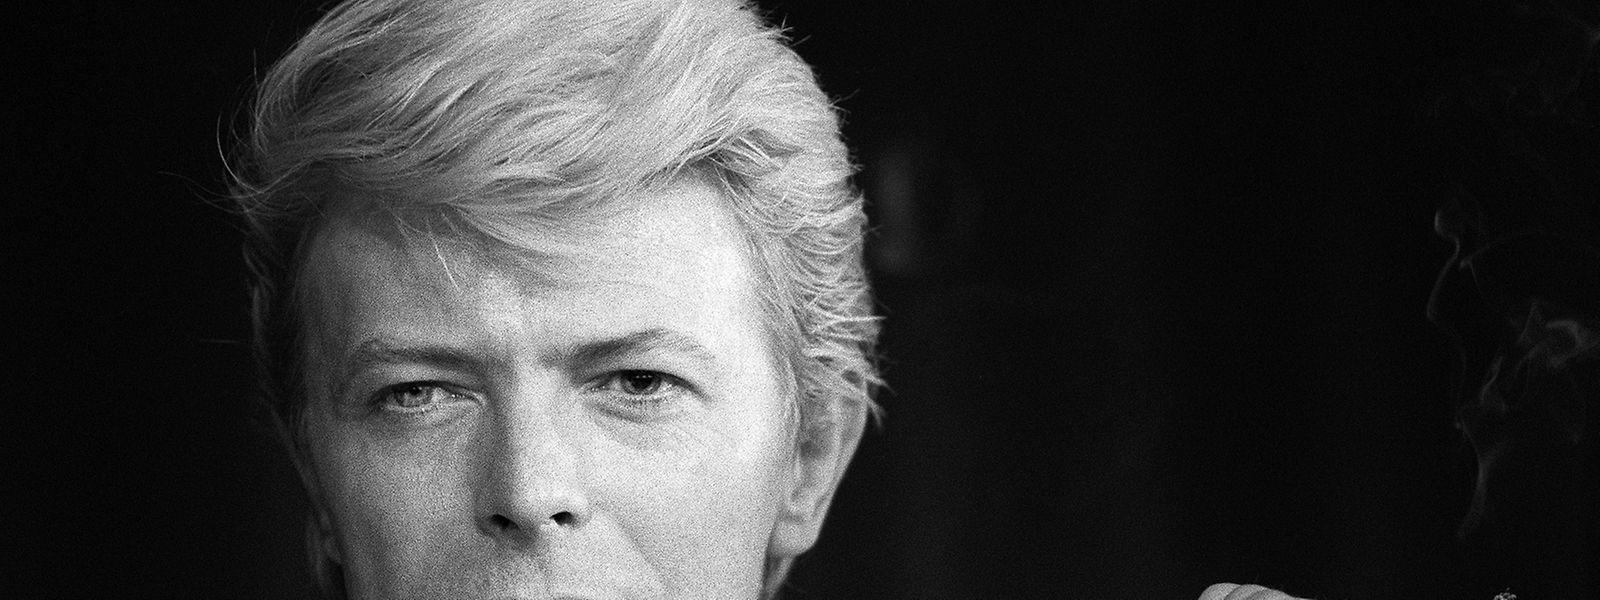 """David Bowie nomeado a título póstumo por causa do álbum """"Blackstar"""", editado dias antes da sua morte, em janeiro passado."""